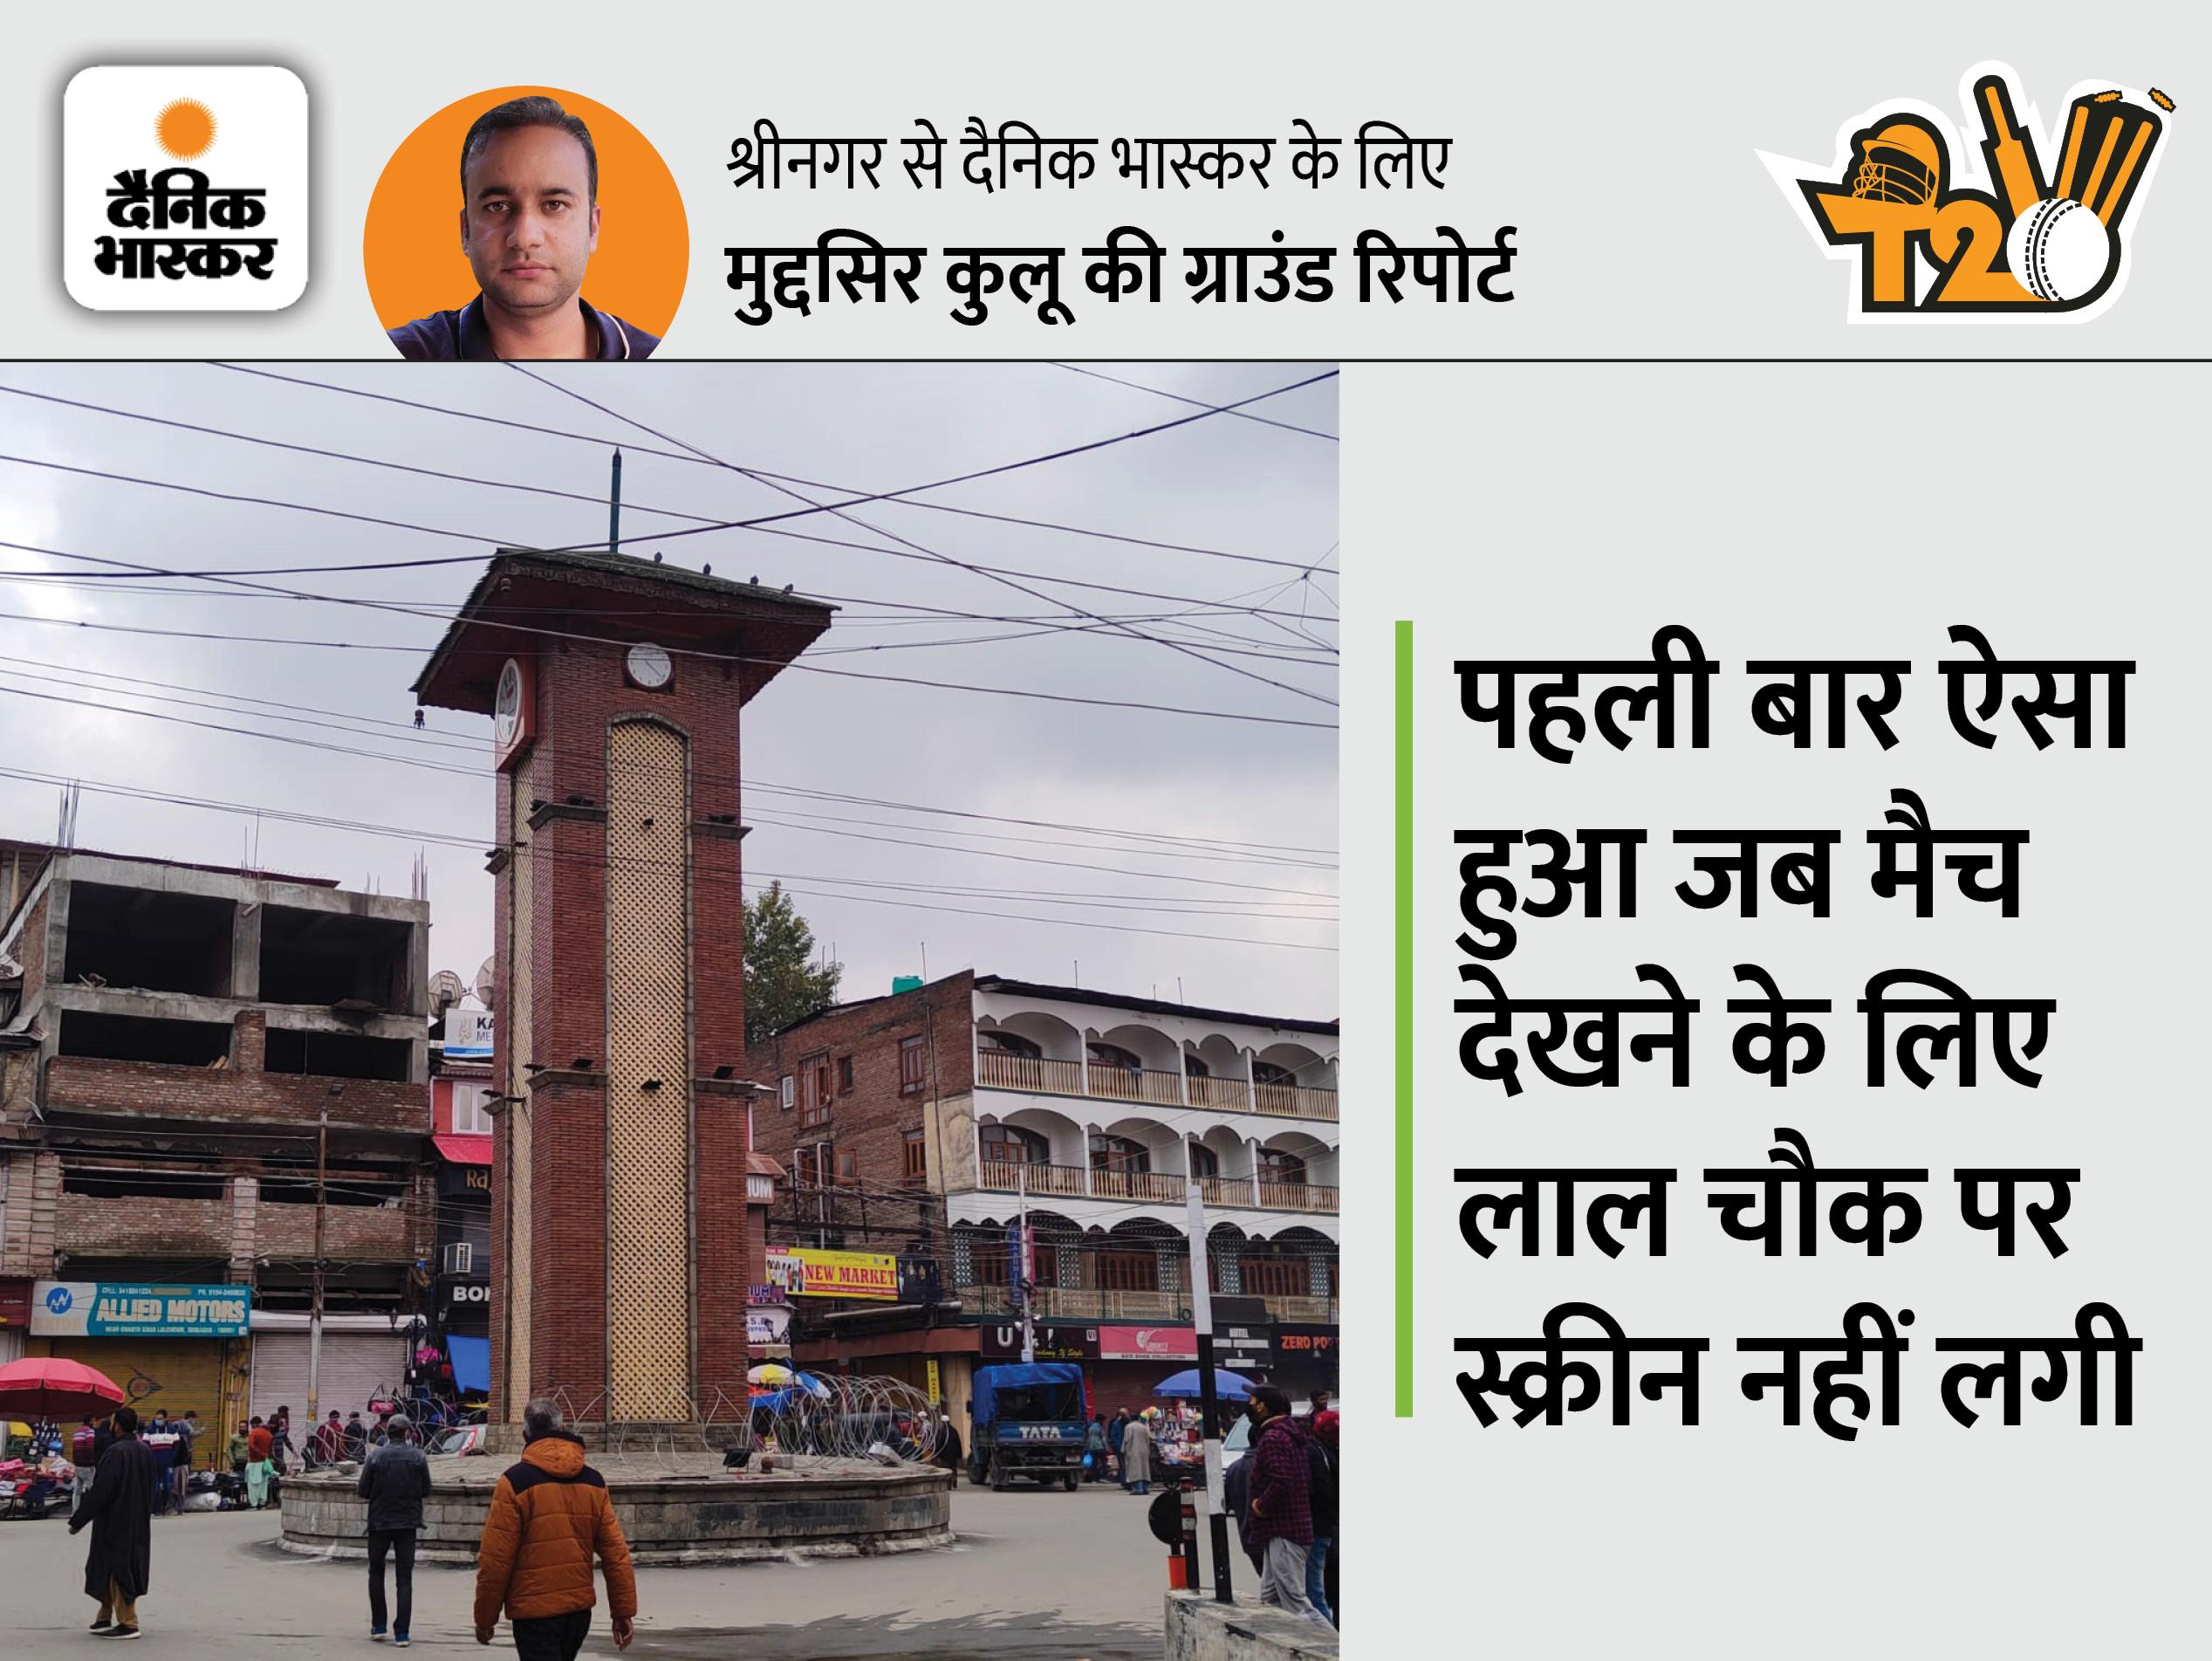 एक भी बिग स्क्रीन नहीं, लाल चौक भी खाली; कर्फ्यू-गृहमंत्री की यात्रा और मौसम ने बिगाड़ा मैच का रोमांच देश,National - Dainik Bhaskar